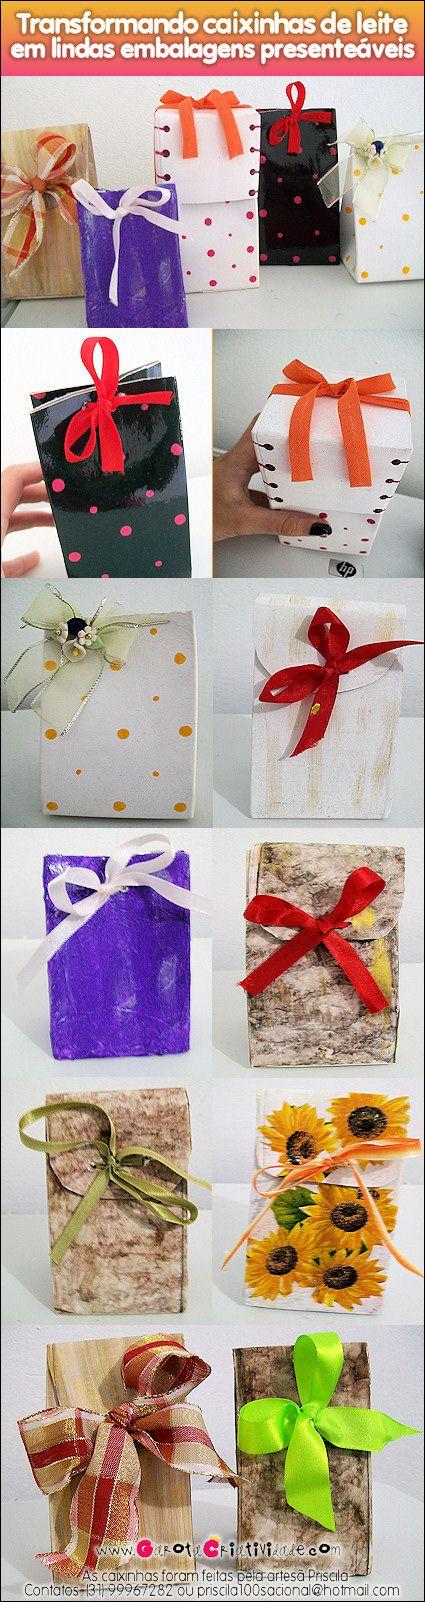 Reciclagem com caixa de leite: confira como fazer lindas embalagens de presente com caixinhas de leite! Não perca esta ideia de reciclagem criativa!